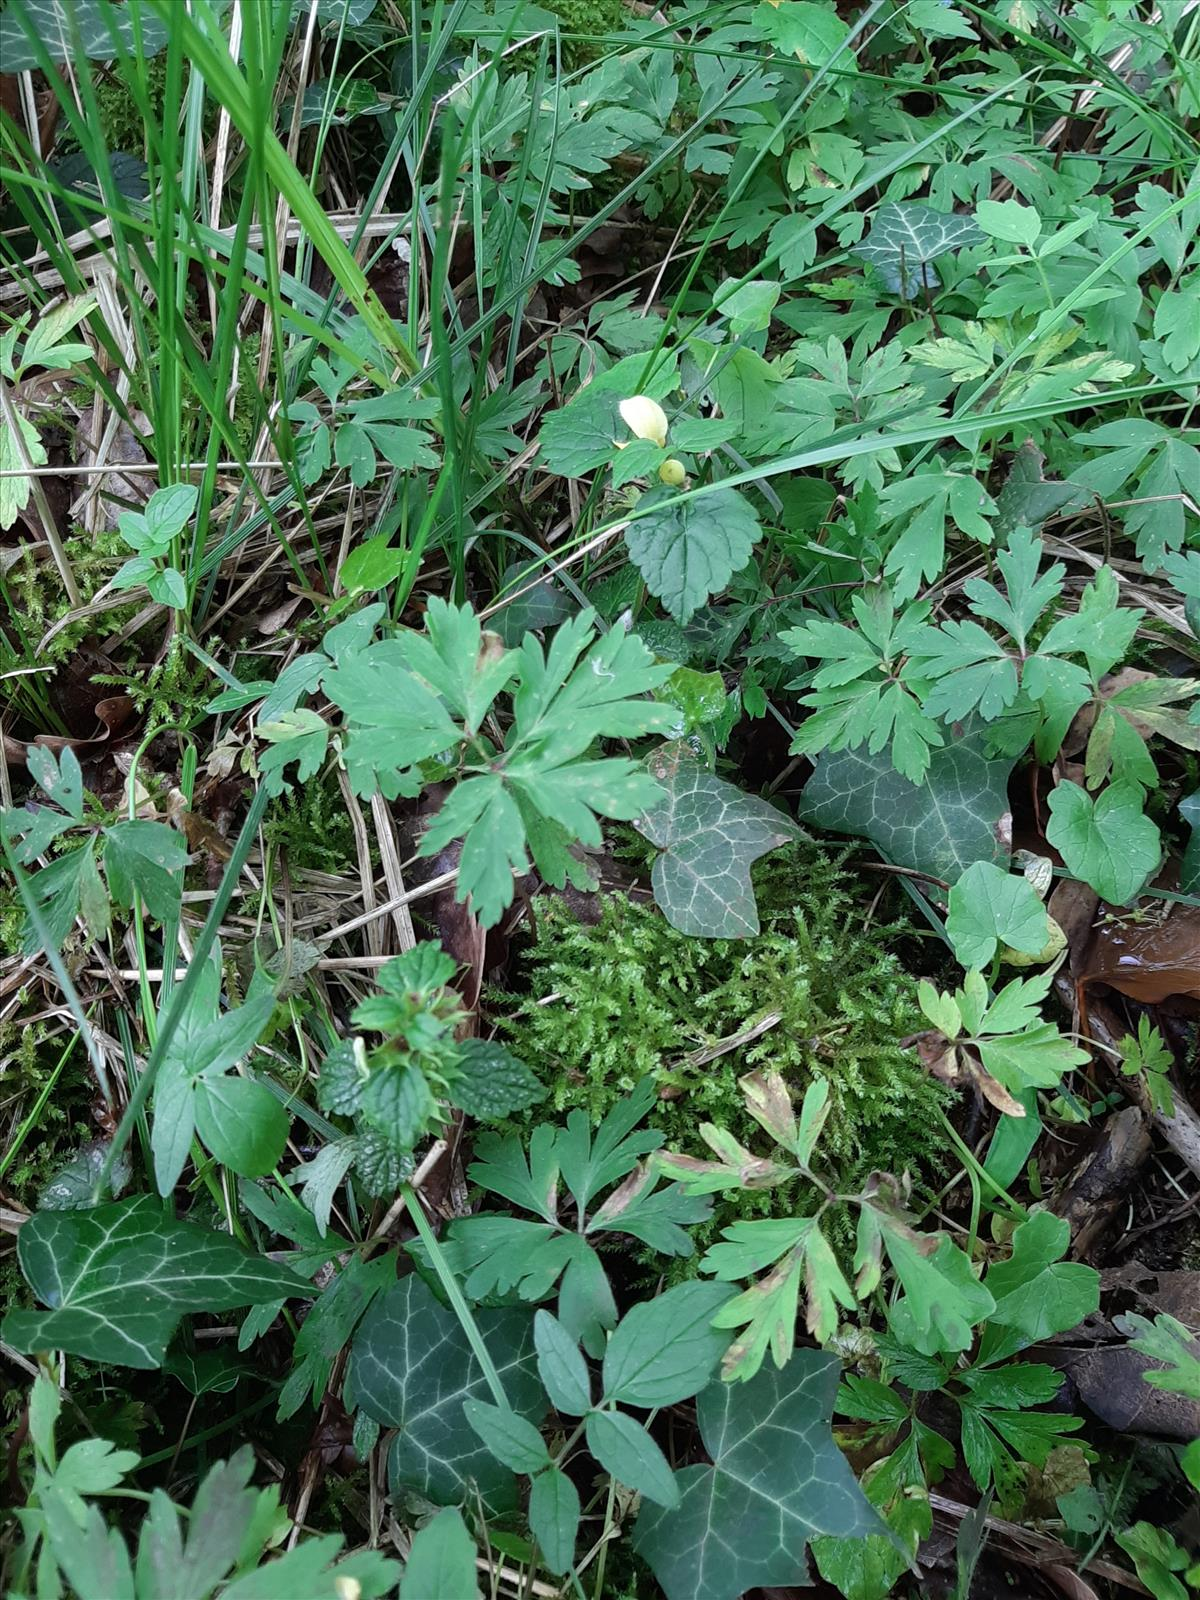 Lamiastrum galeobdolon subsp. galeobdolon s.s. (door Ruud Beringen)